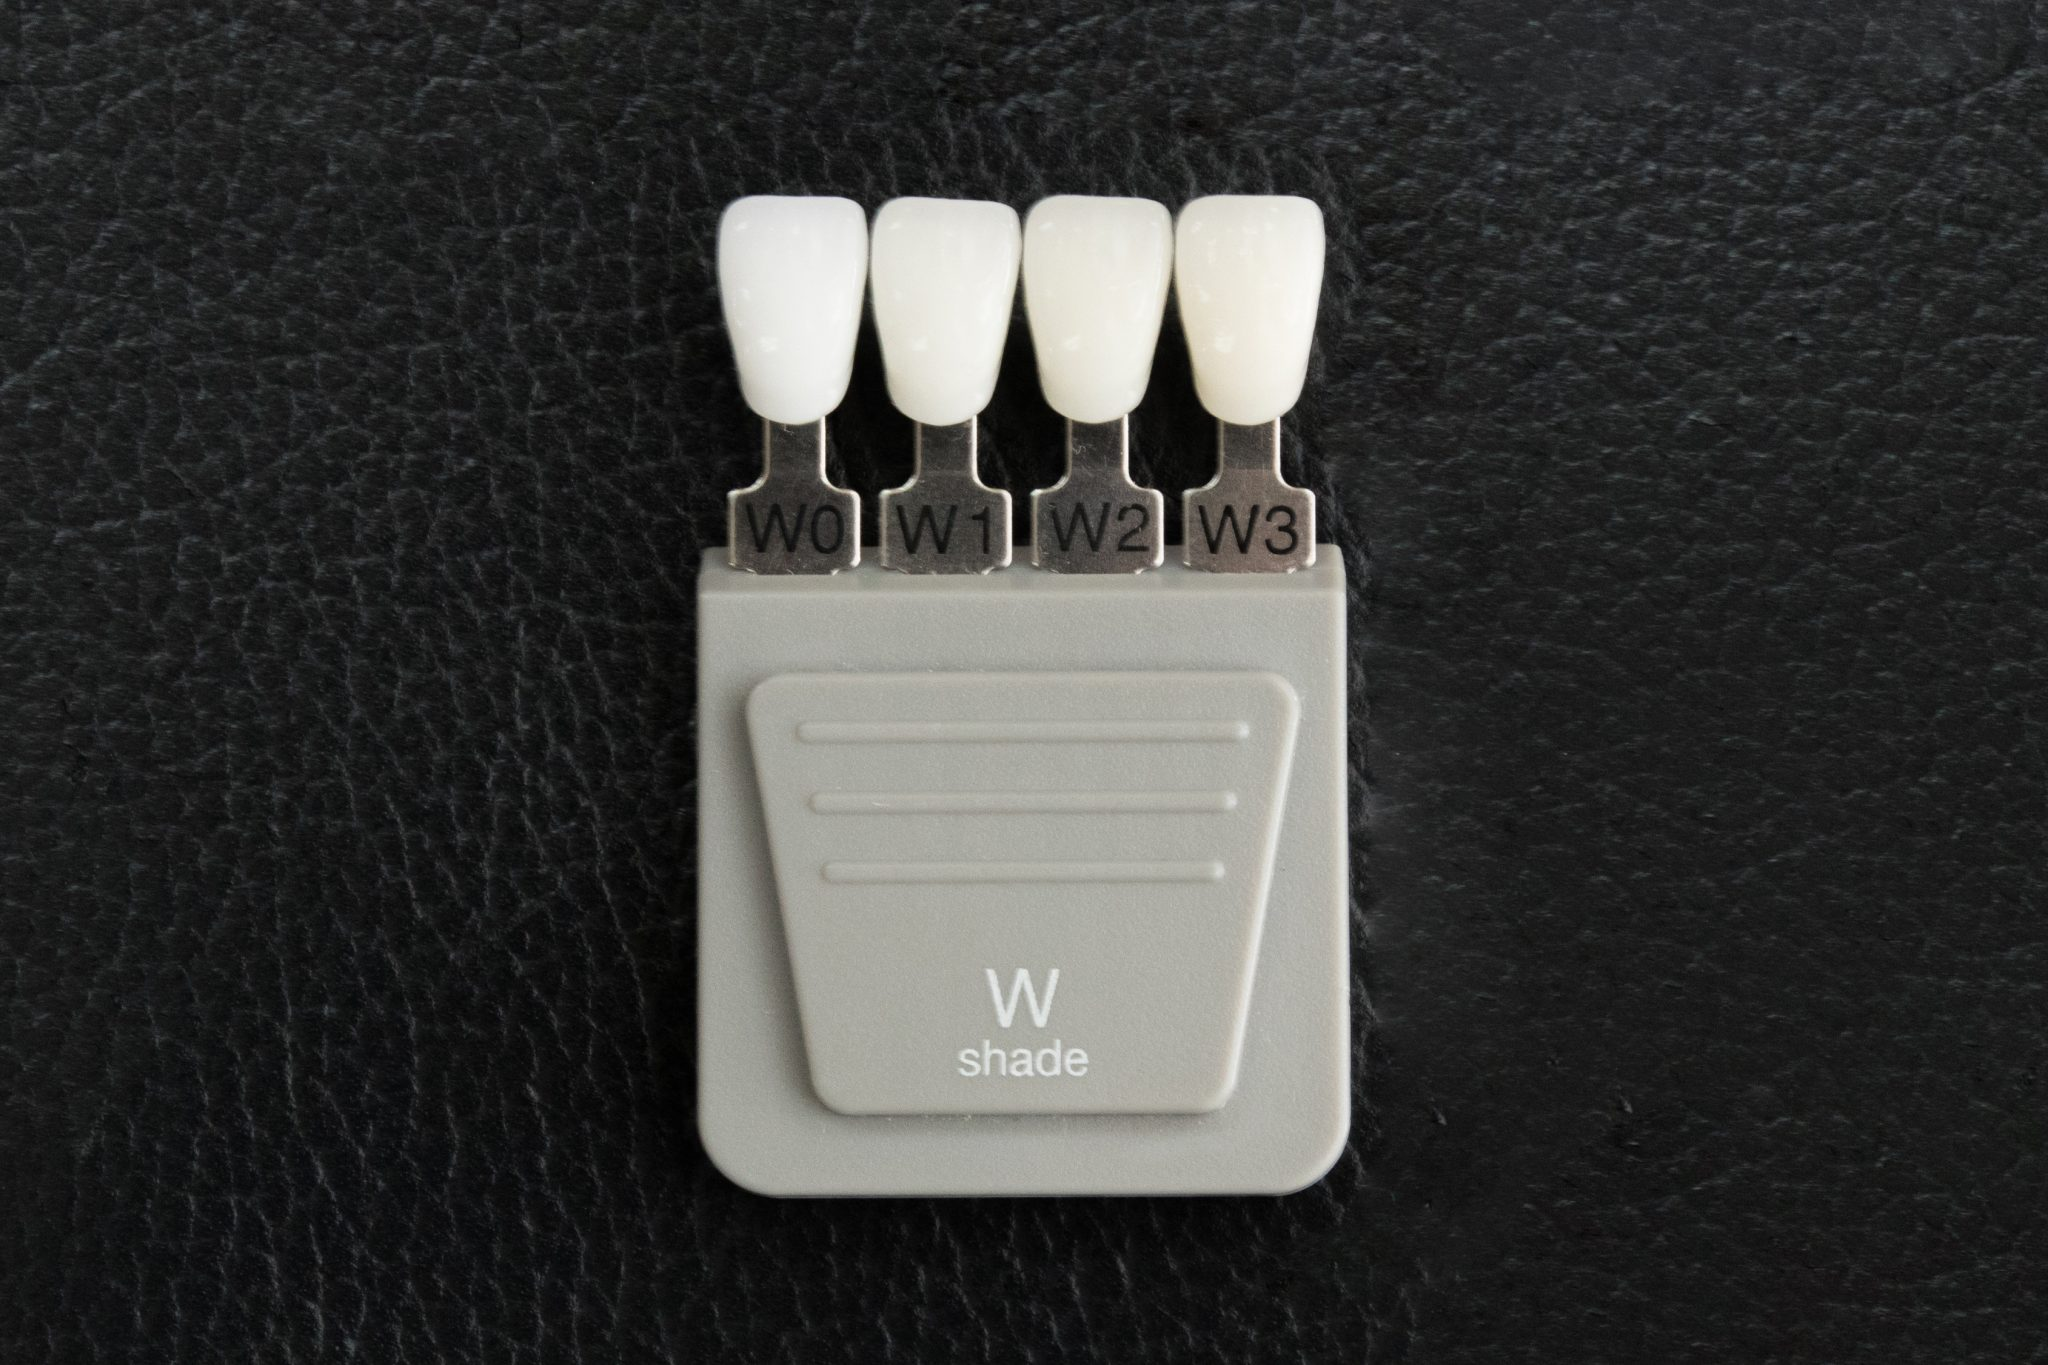 W0がもっとも白い色。